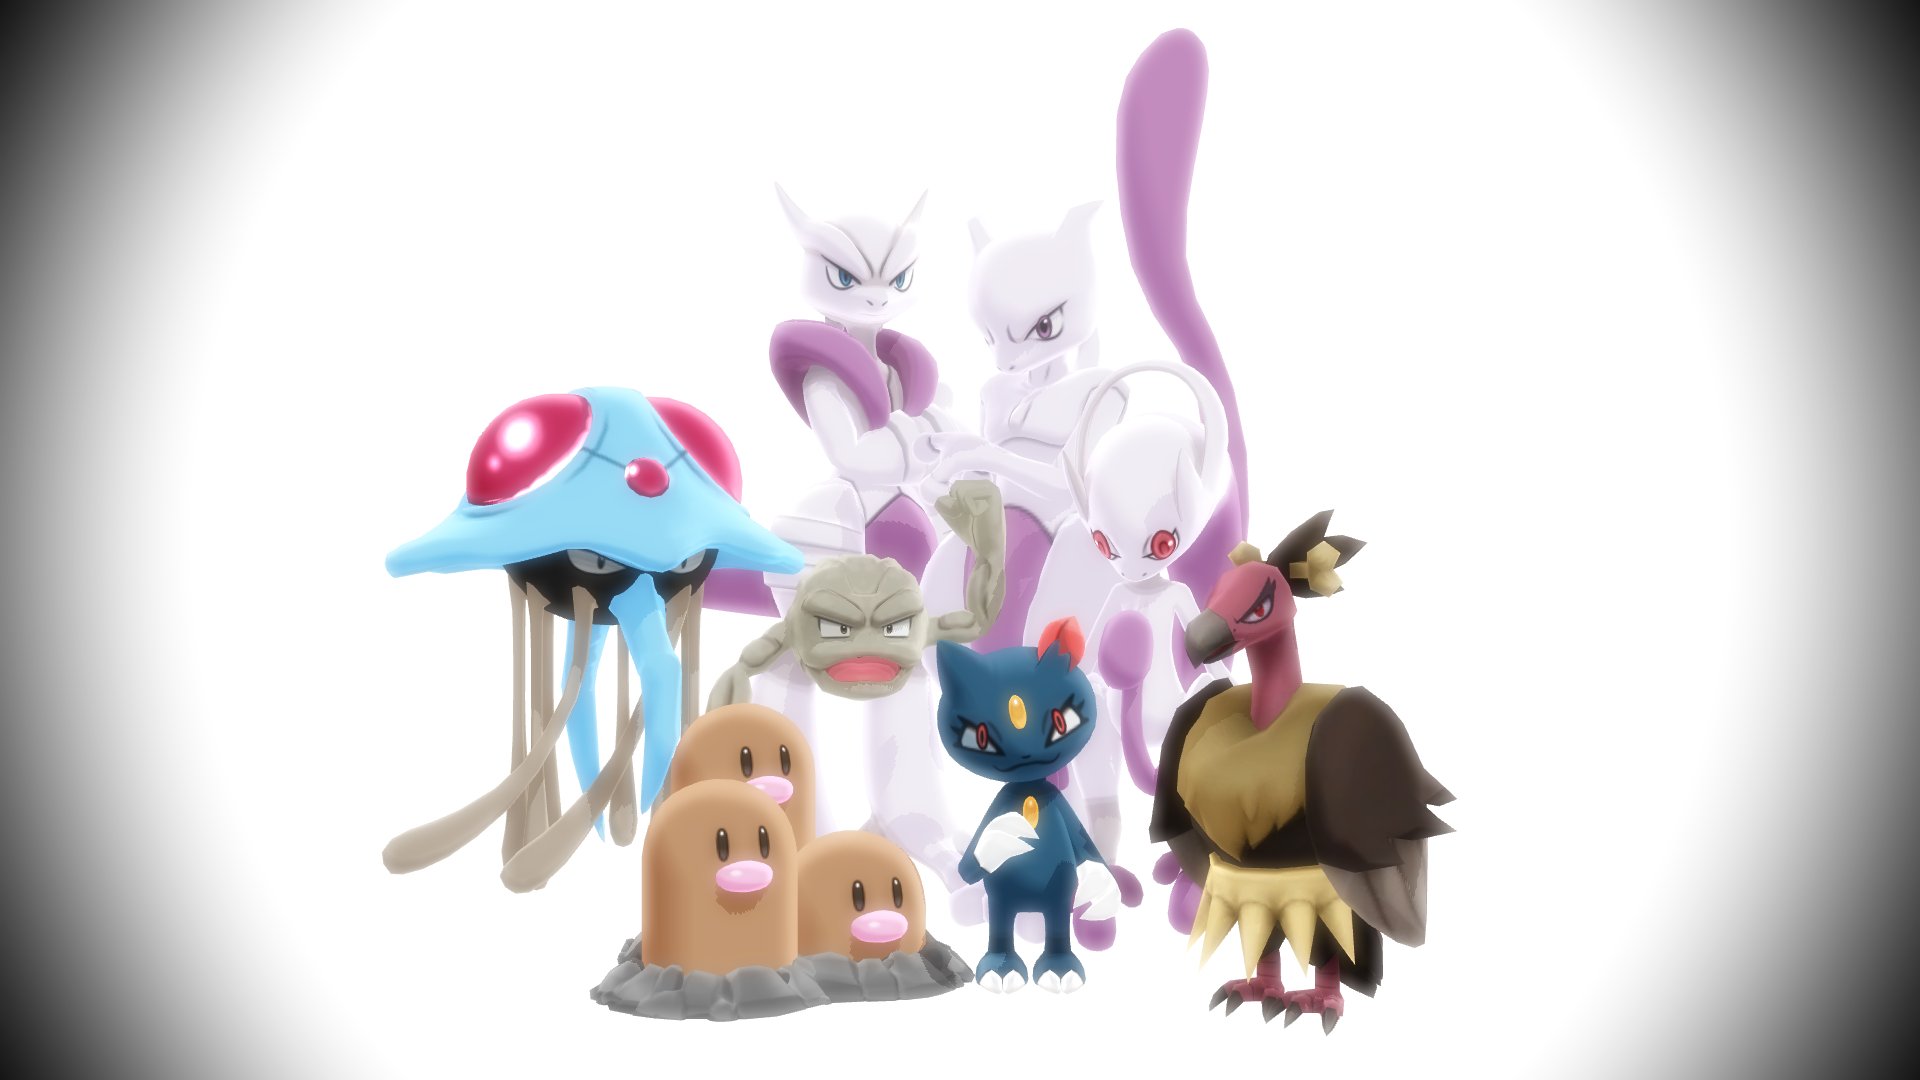 MMD PK Random Pokemon Pack 2 DL